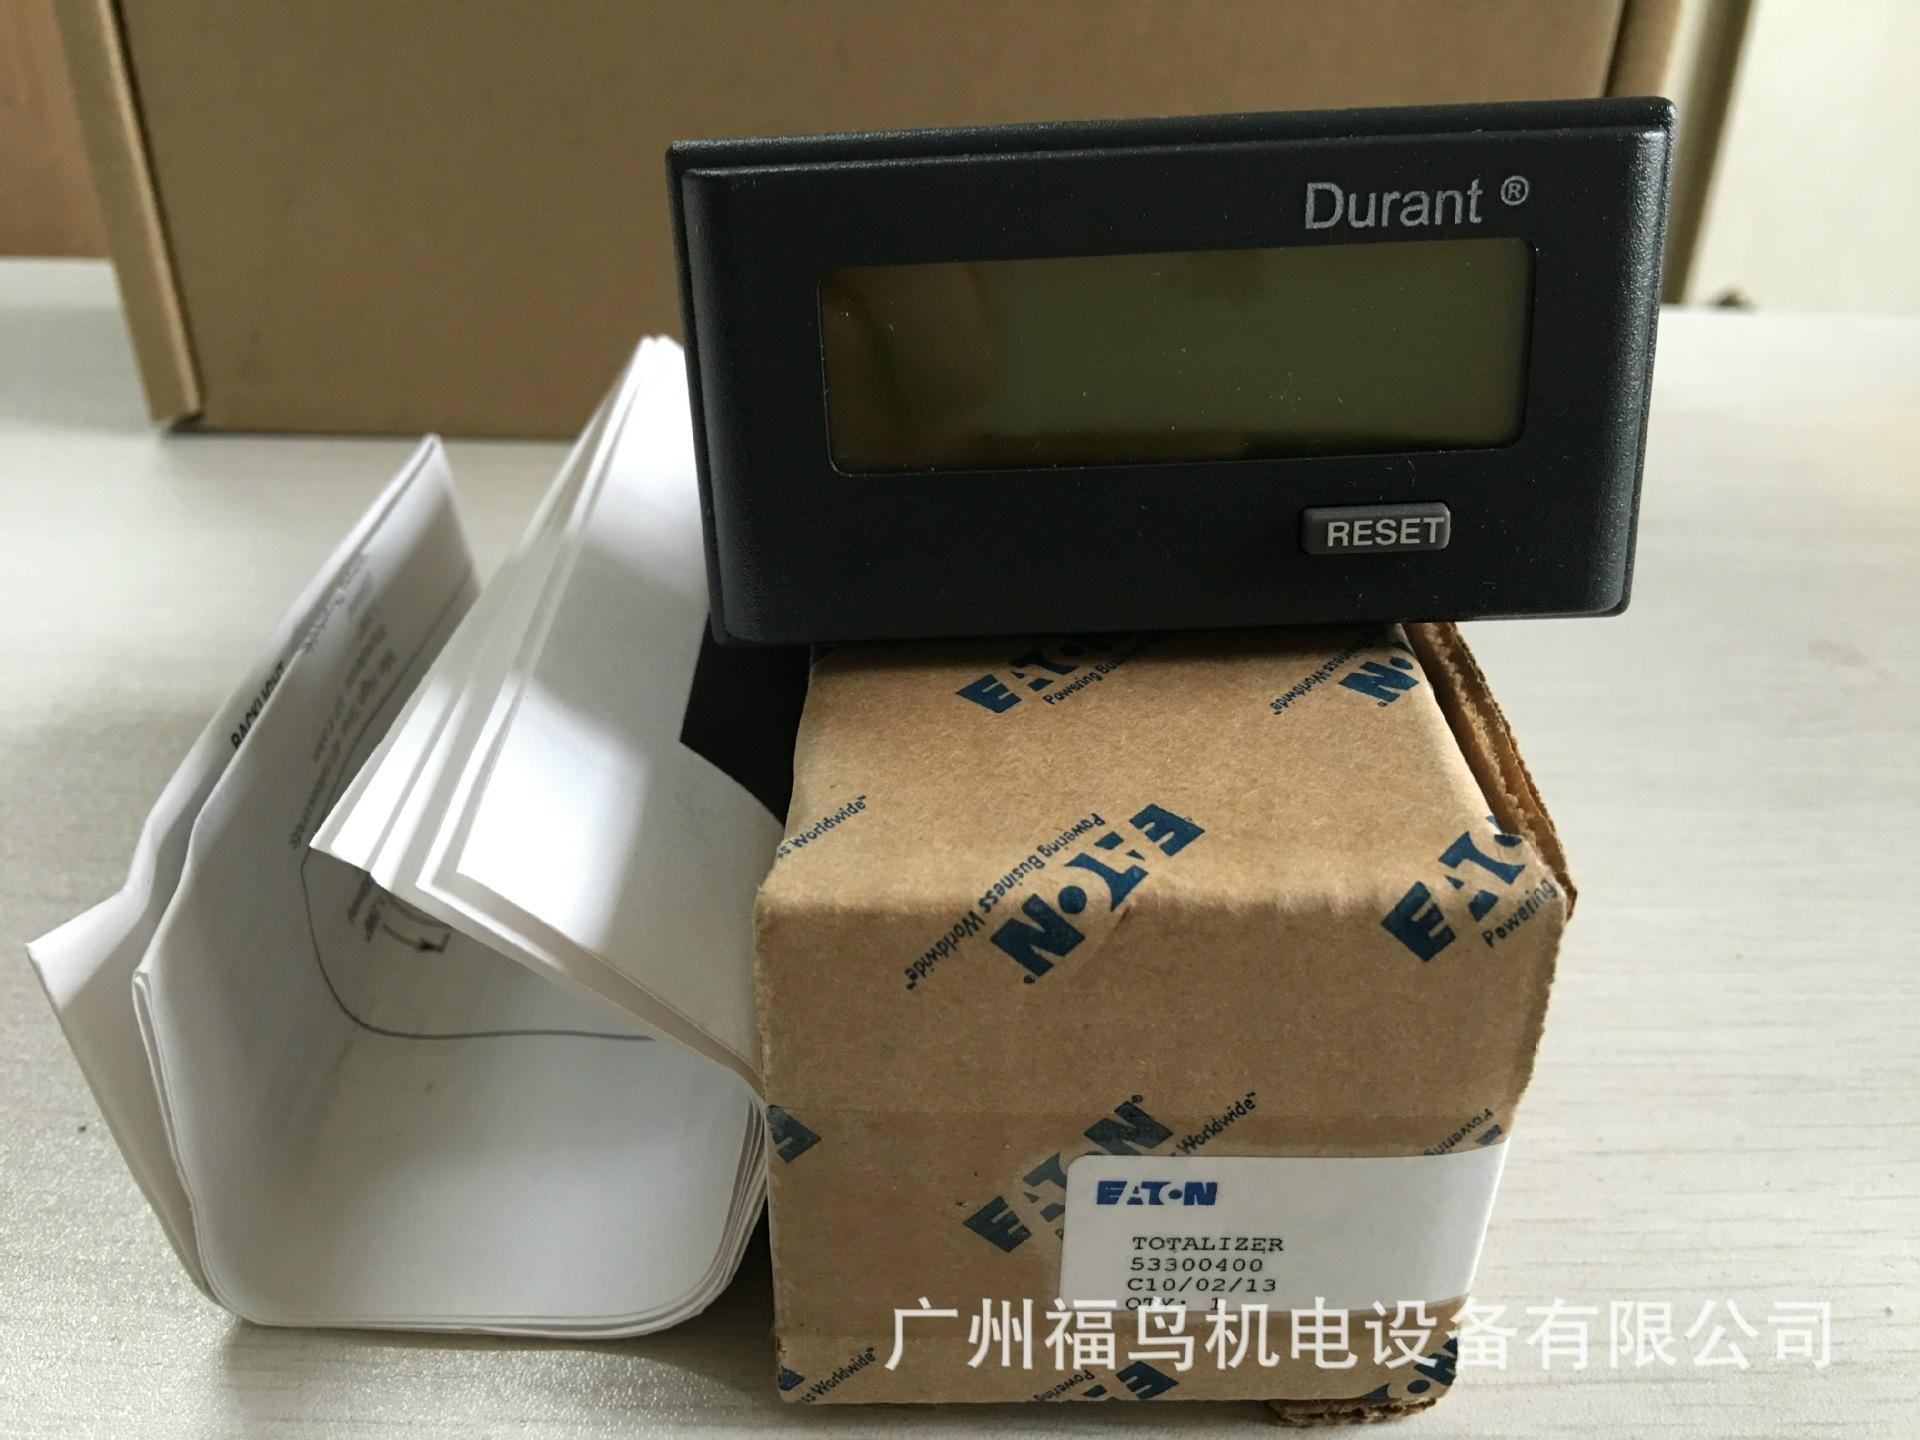 EATON/DURANT计数器, 型号: 53300400